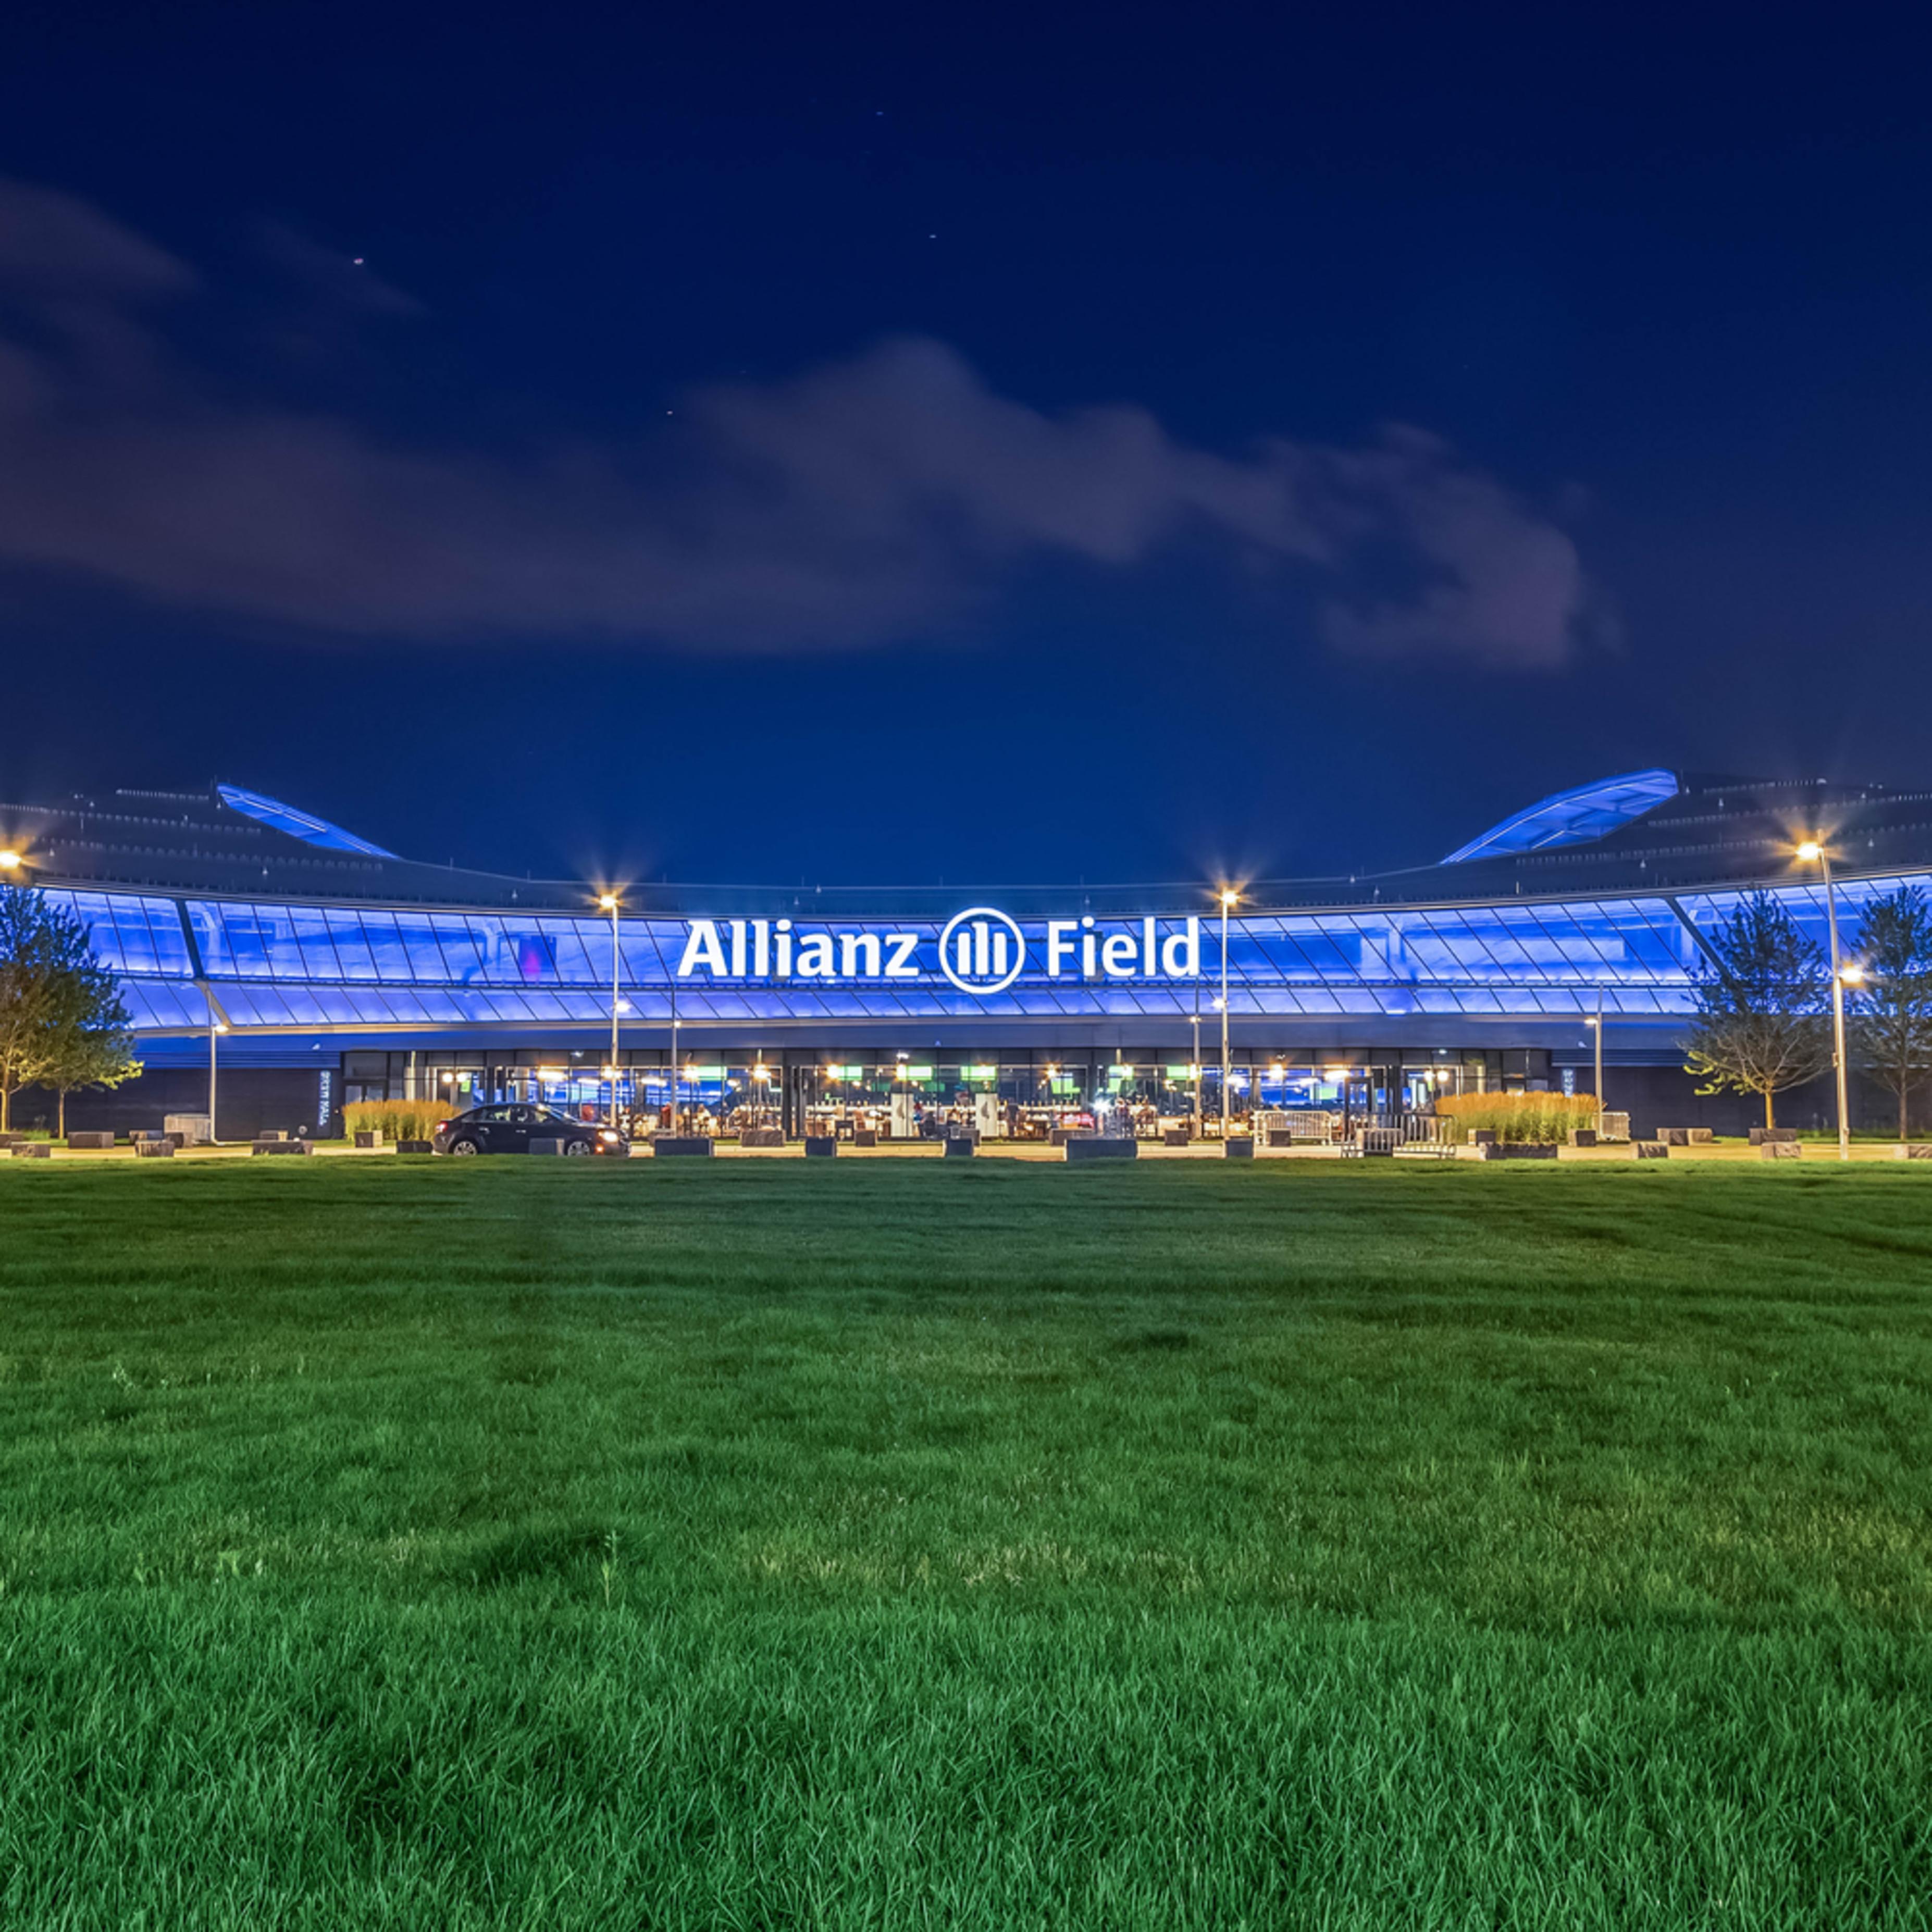 Allianz field saint paul oar9pn